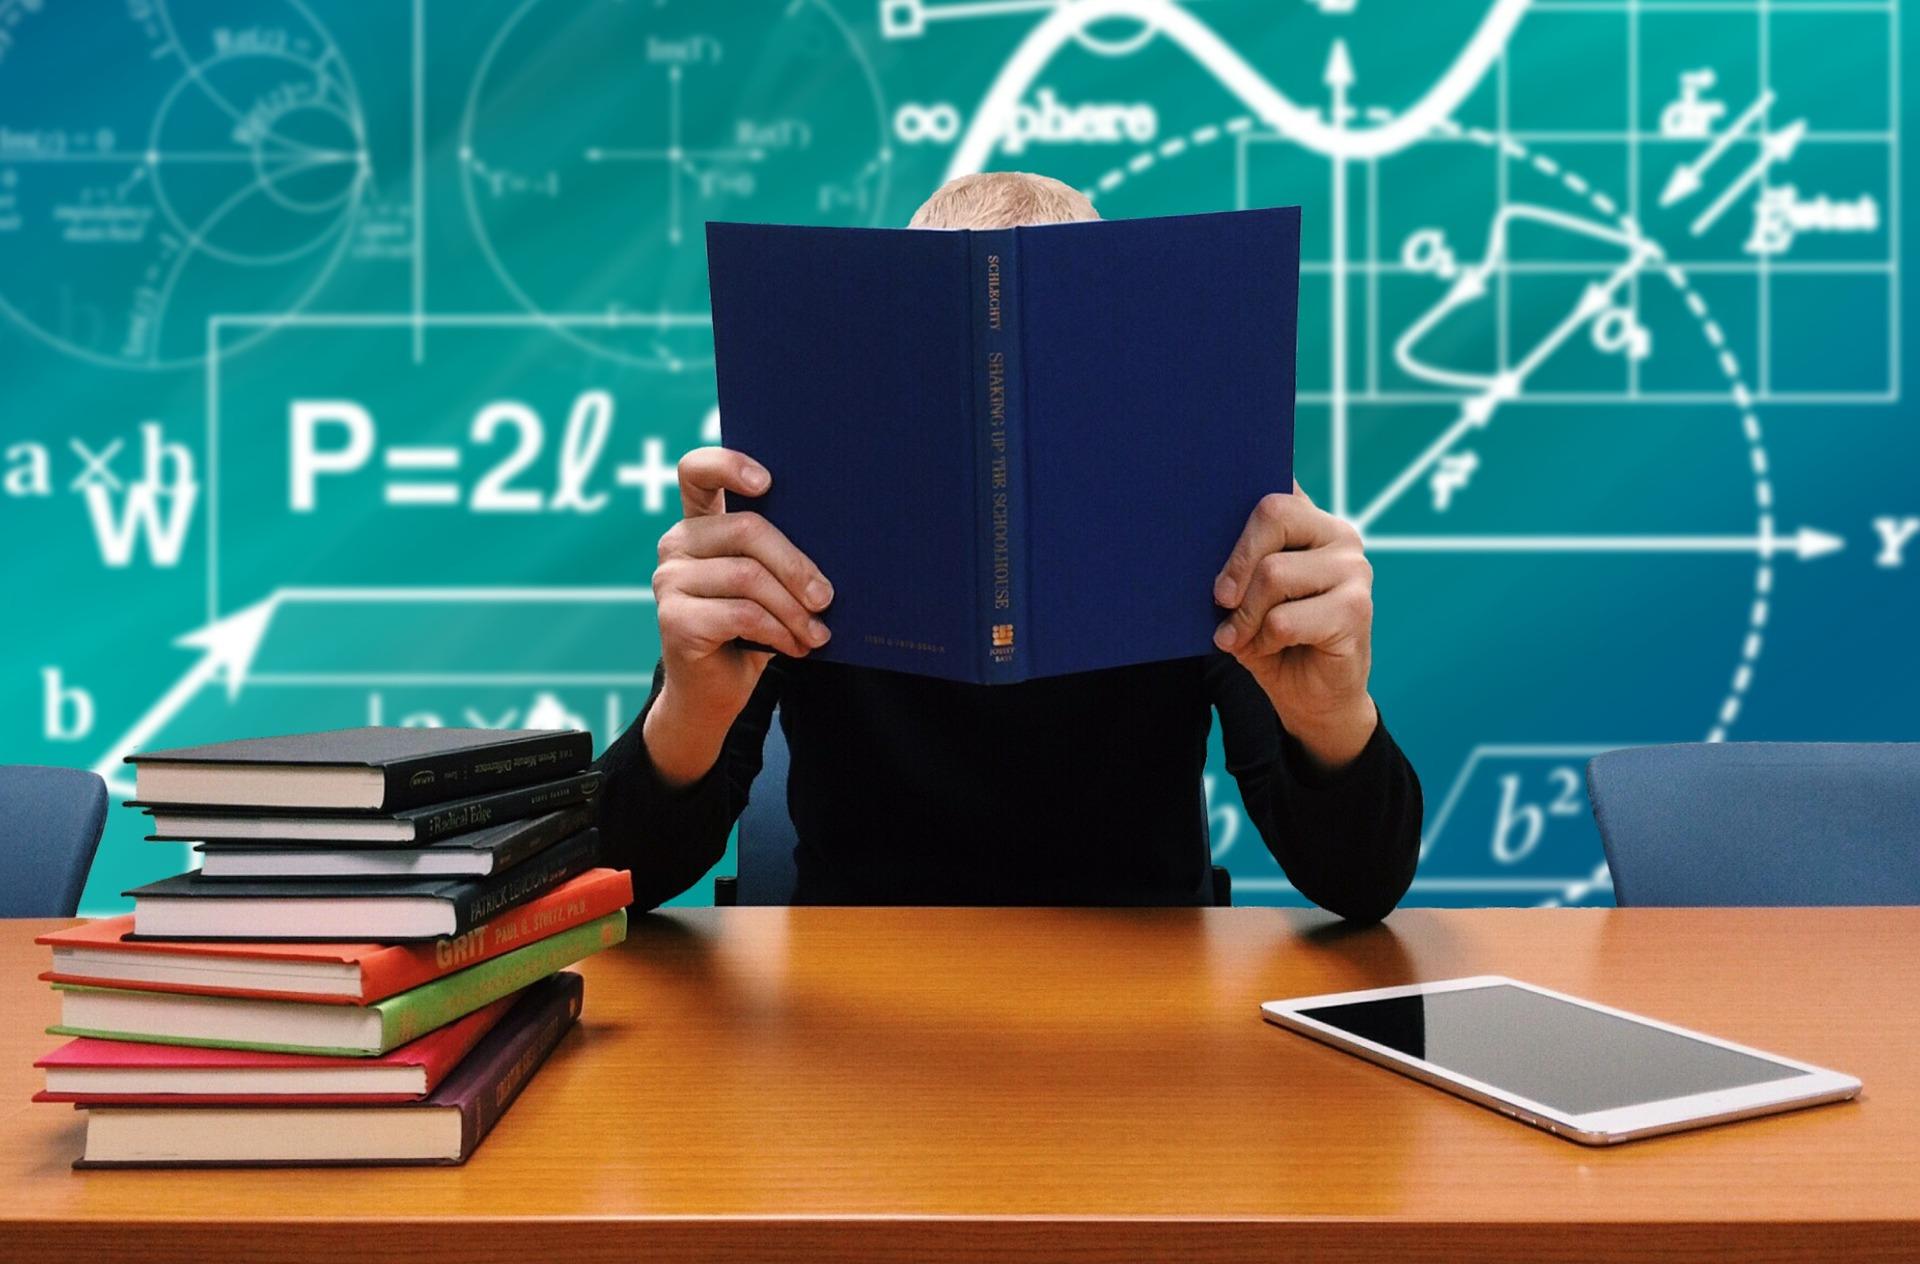 Définir les microcertifications et ouvrir de nouveaux horizons pour l'éducation permanente